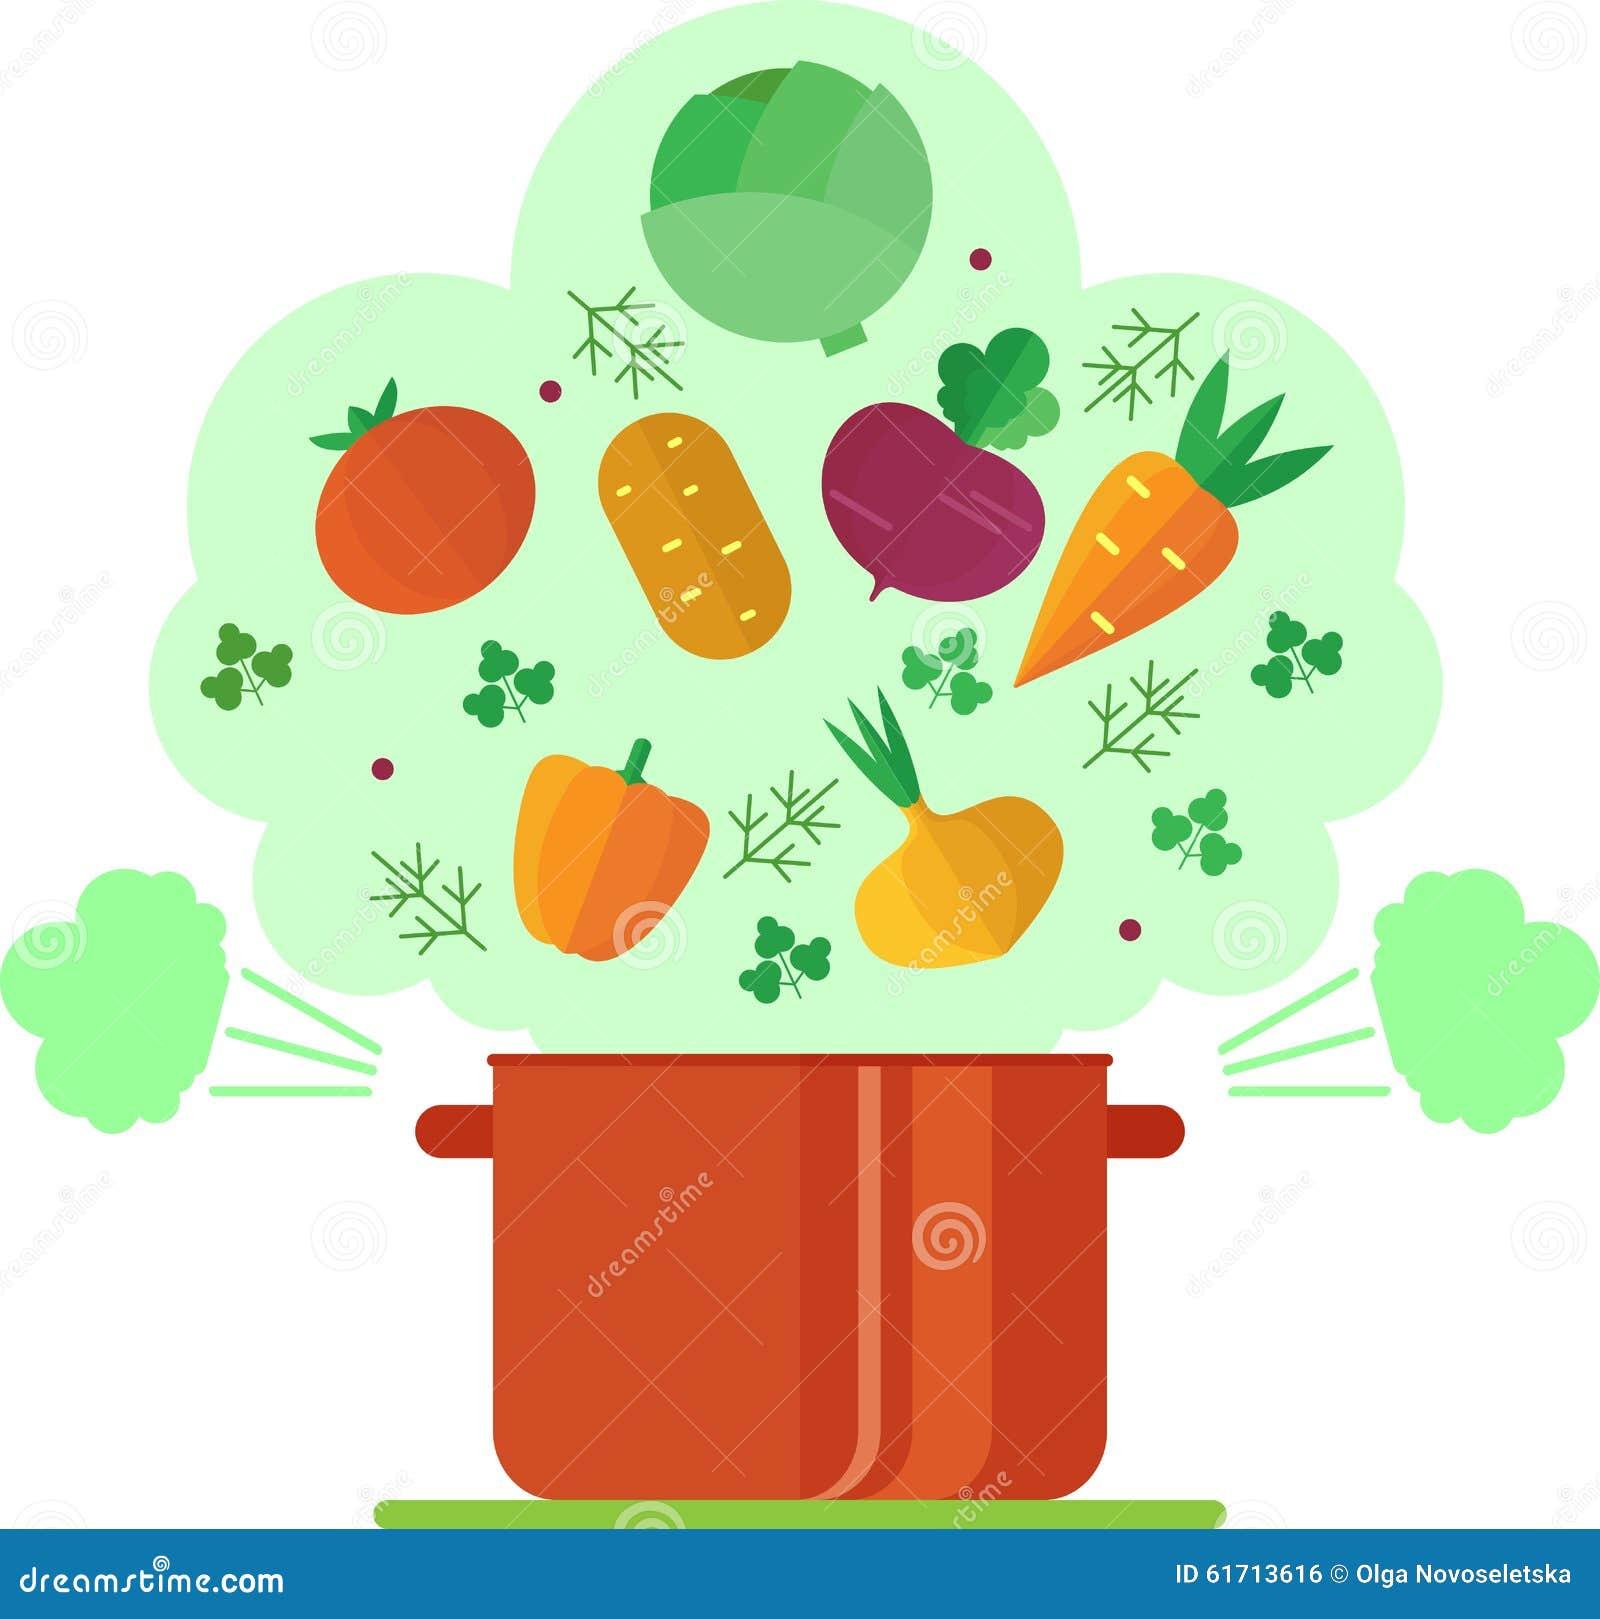 Illustratie van de recepten de vegetarische groentesoep vector illustratie afbeelding 61713616 - Koken afbeelding ...